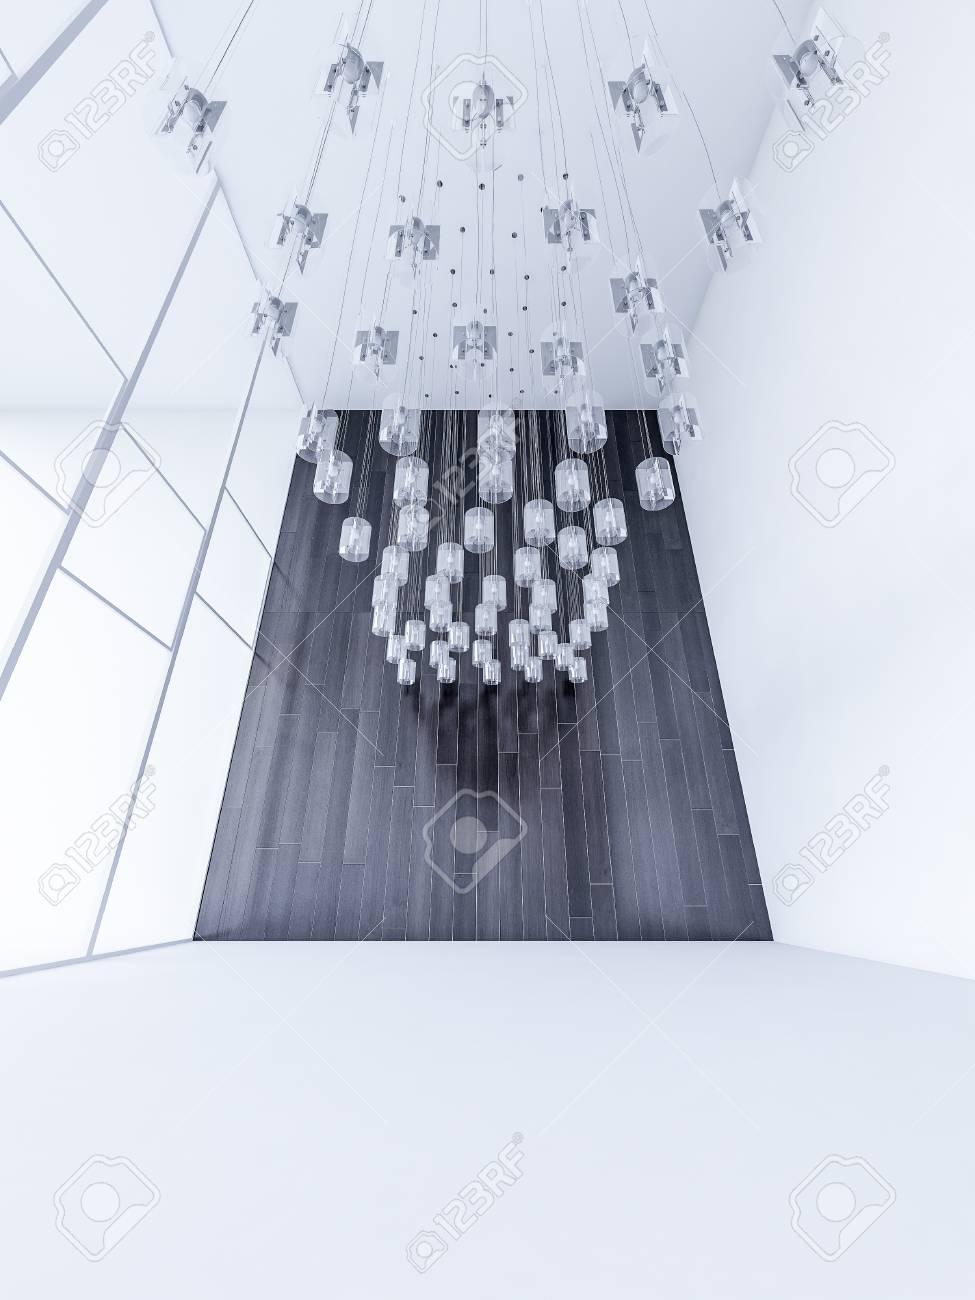 3ds rendu interieur haut plafond blanc salon qui a beaucoup de lampes hachees du plafond